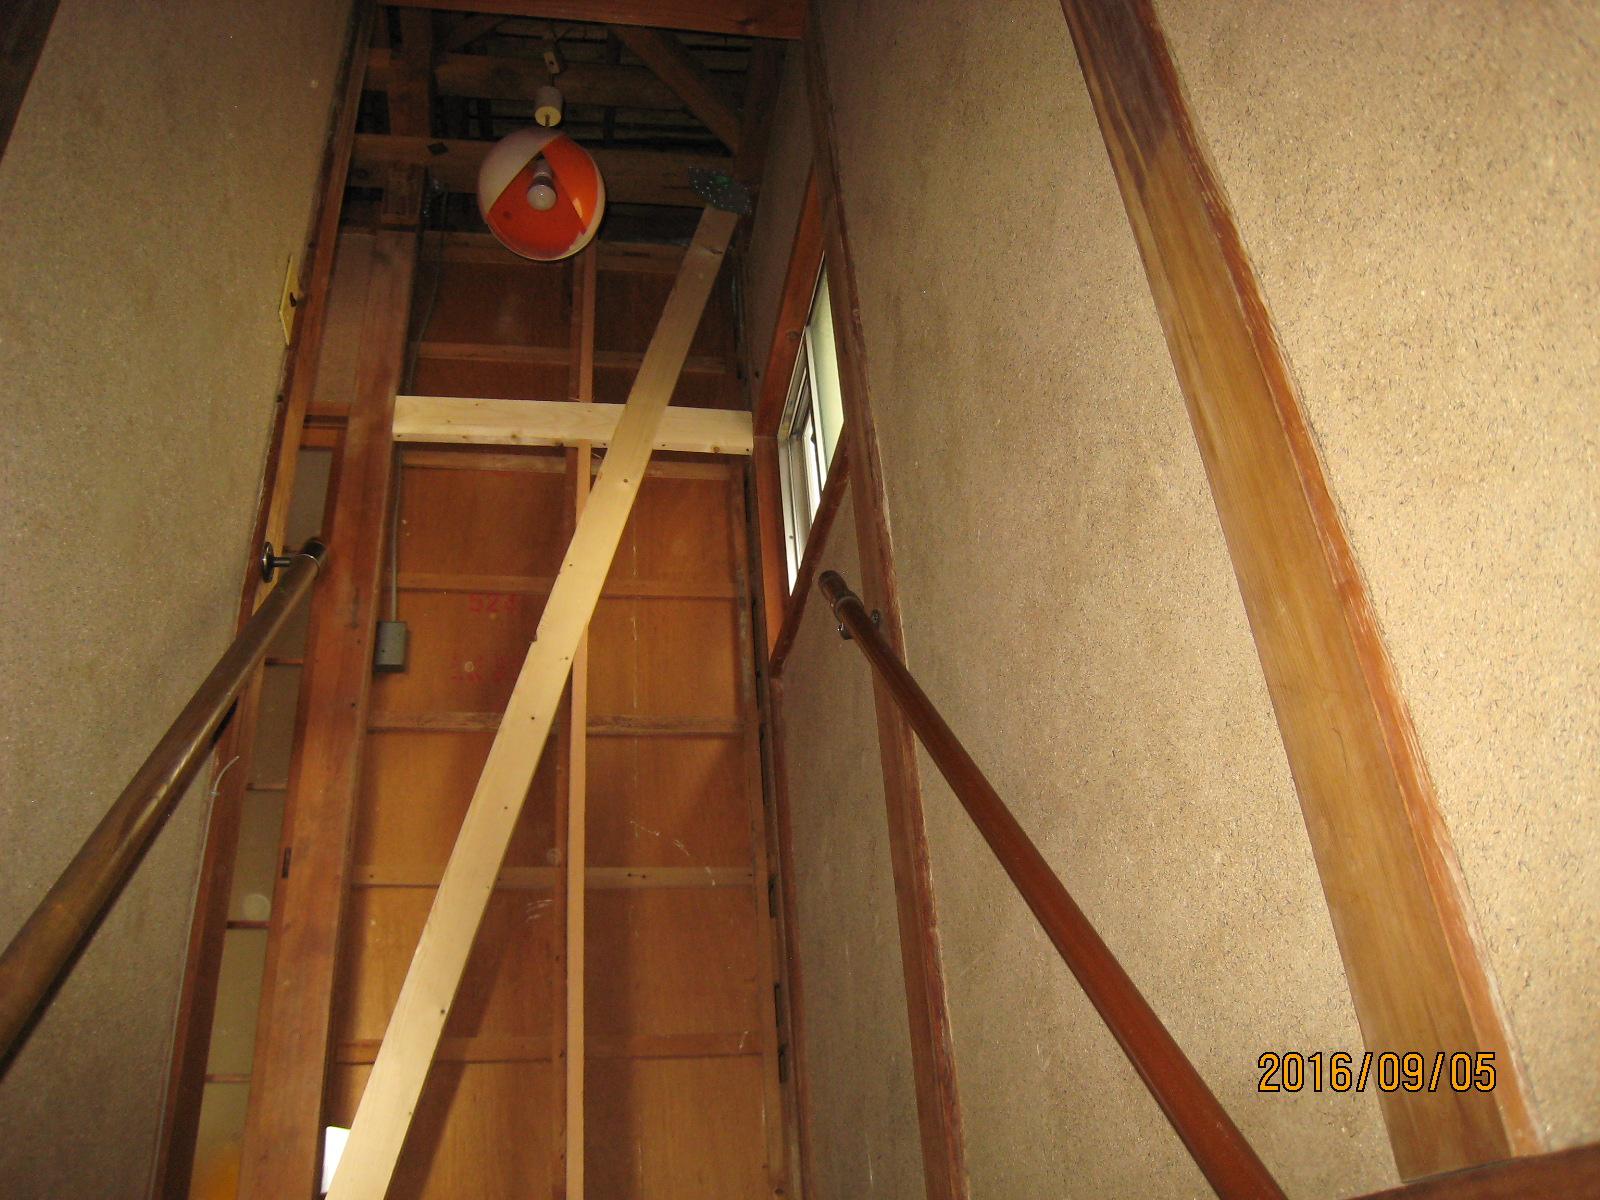 八幡市O様邸耐震改修工事の施工後画像